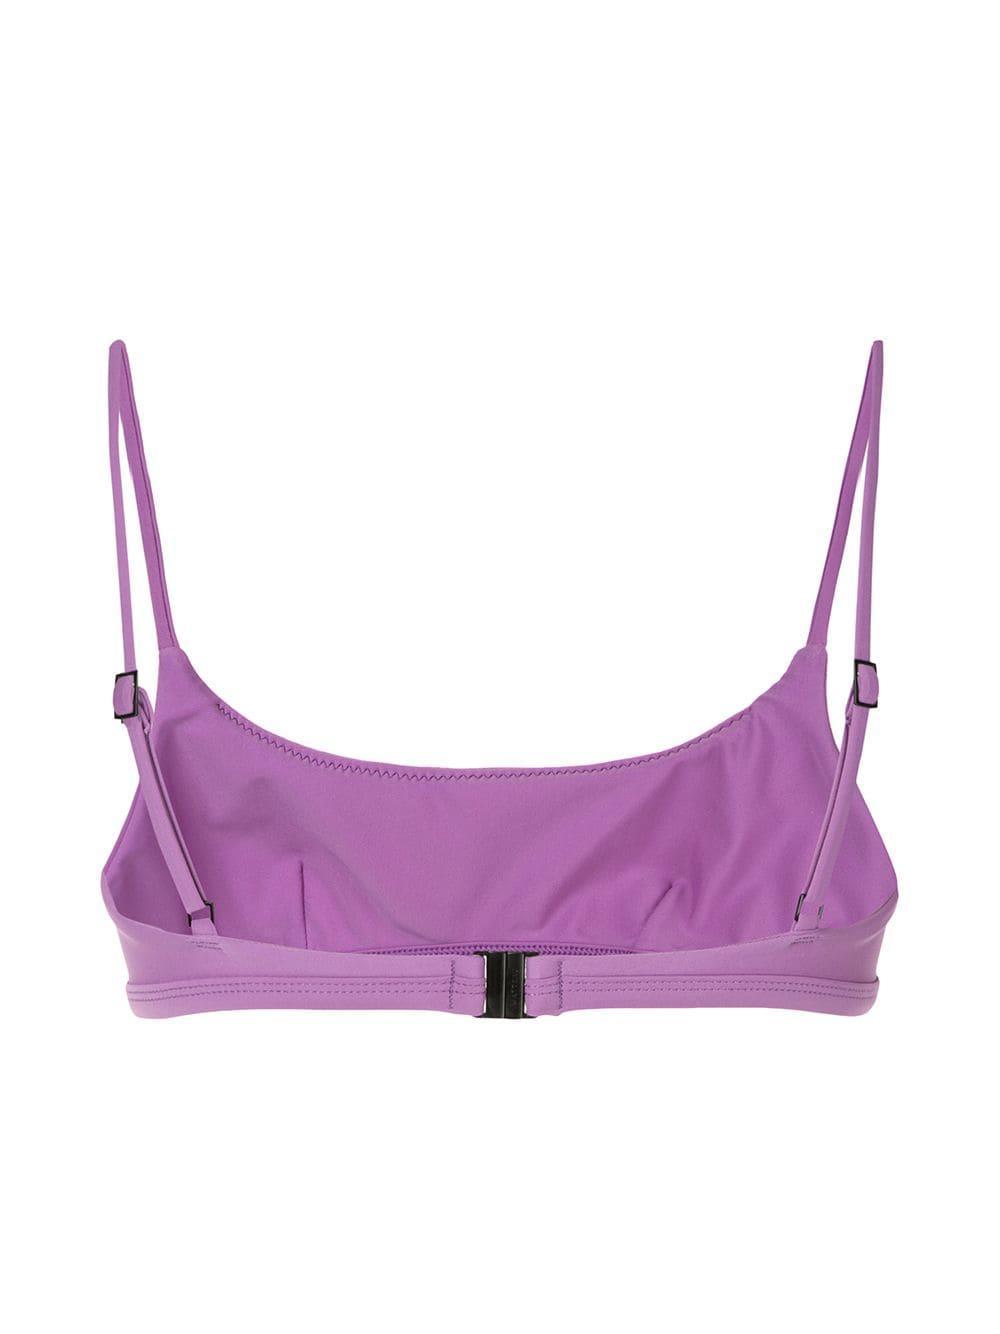 75e3c7ef0fb14 Matteau - Purple The Crop Bikini Top - Lyst. View fullscreen